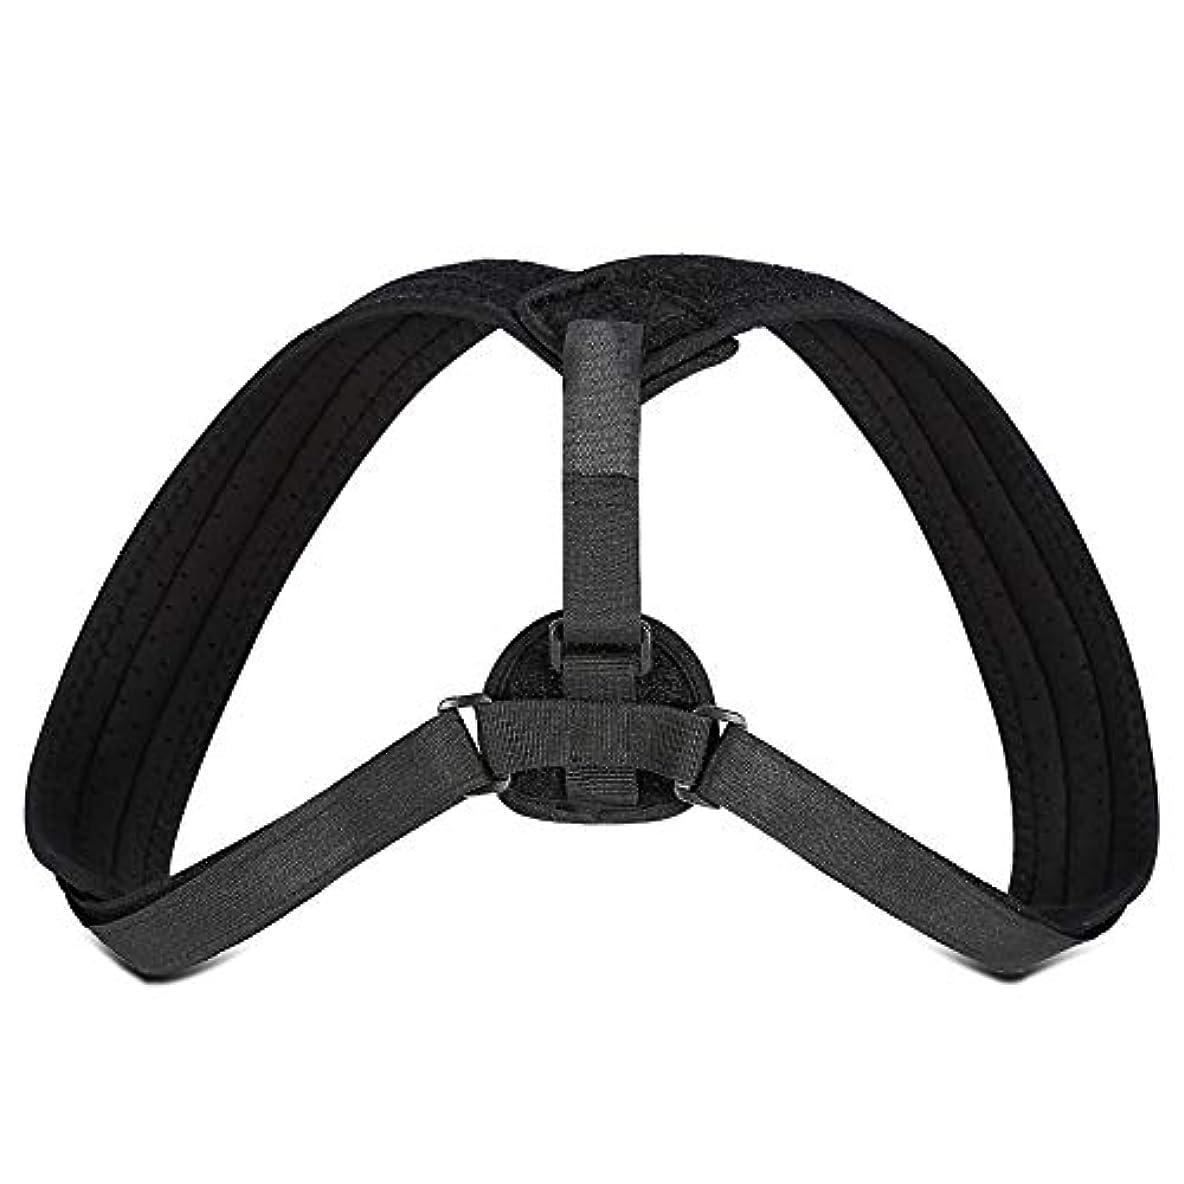 はちみつ競争力のある性交Yosoo Posture Corrector - ブレースアッパーバックネックショルダーサポートアジャスタブルストラップ、肩の体位補正、整形外科用こぶの緩和のための包帯矯正、ティーン用